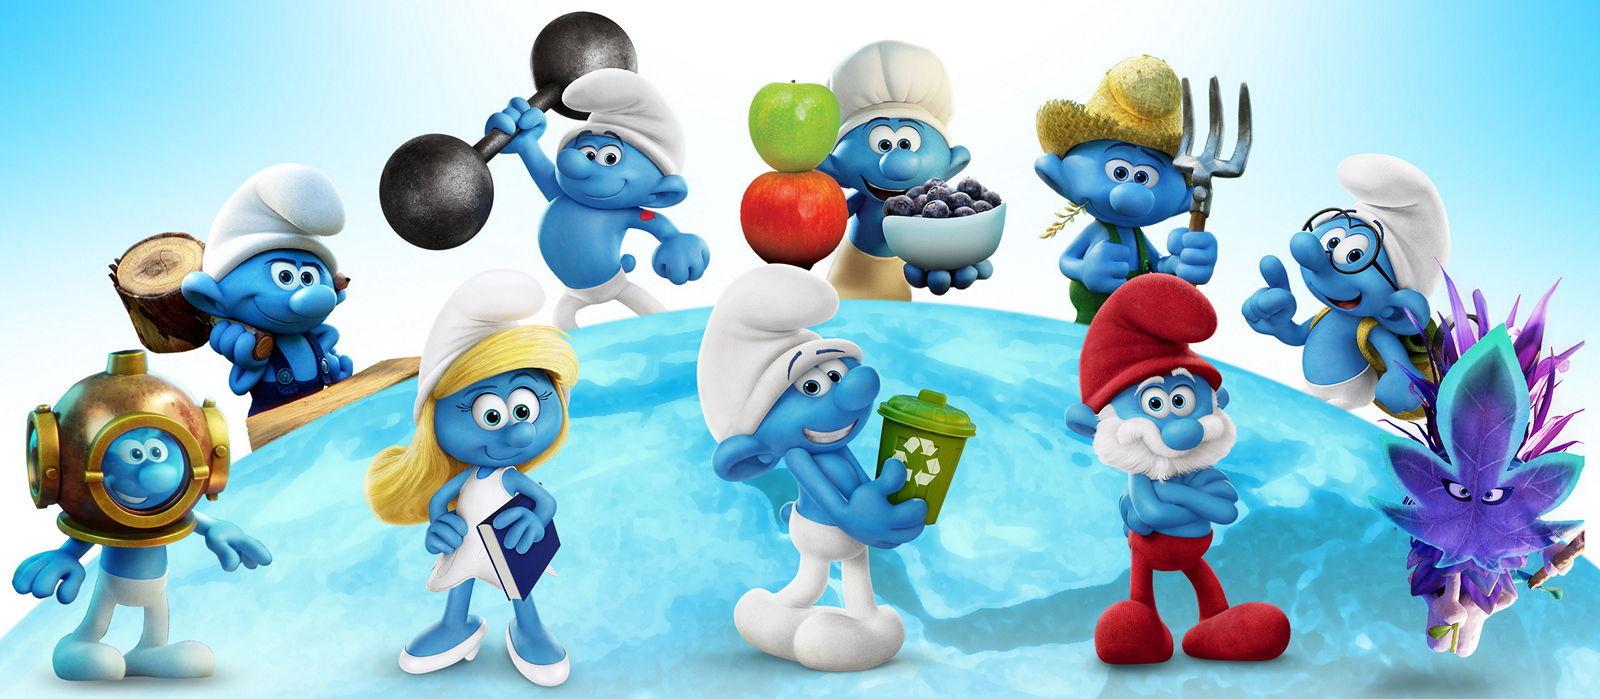 Раскраски - Мультфильм - Смурфики: Затерянная деревня (Smurfs: The Lost Village)